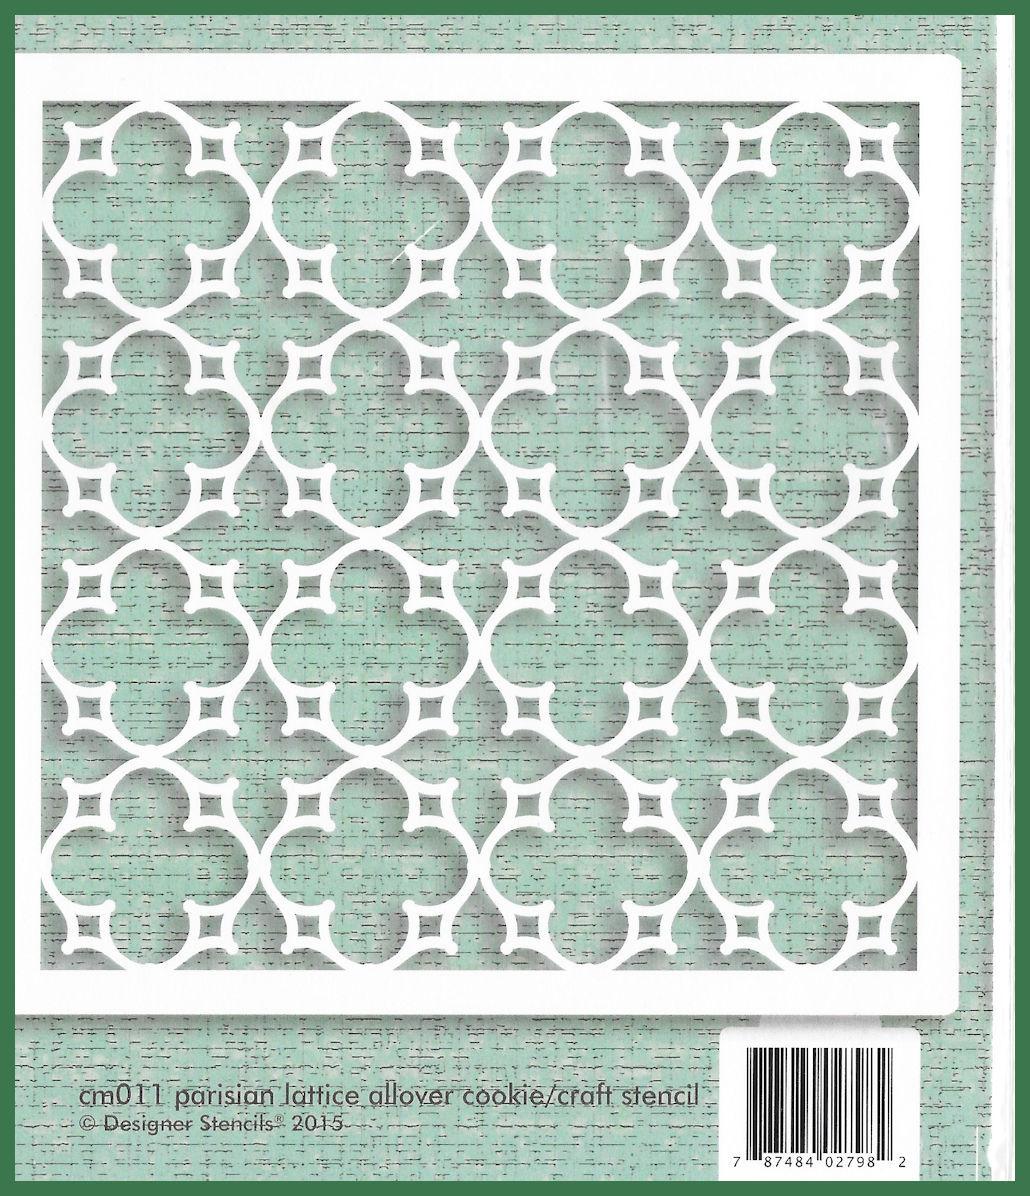 ds-parisian-lattice-8748402798.jpg